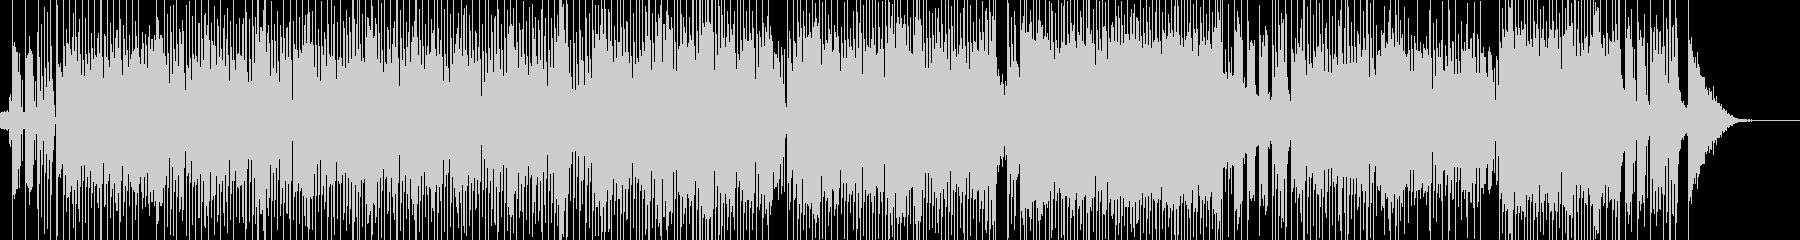 アルプス・笑顔・軽快なカントリー 短尺の未再生の波形